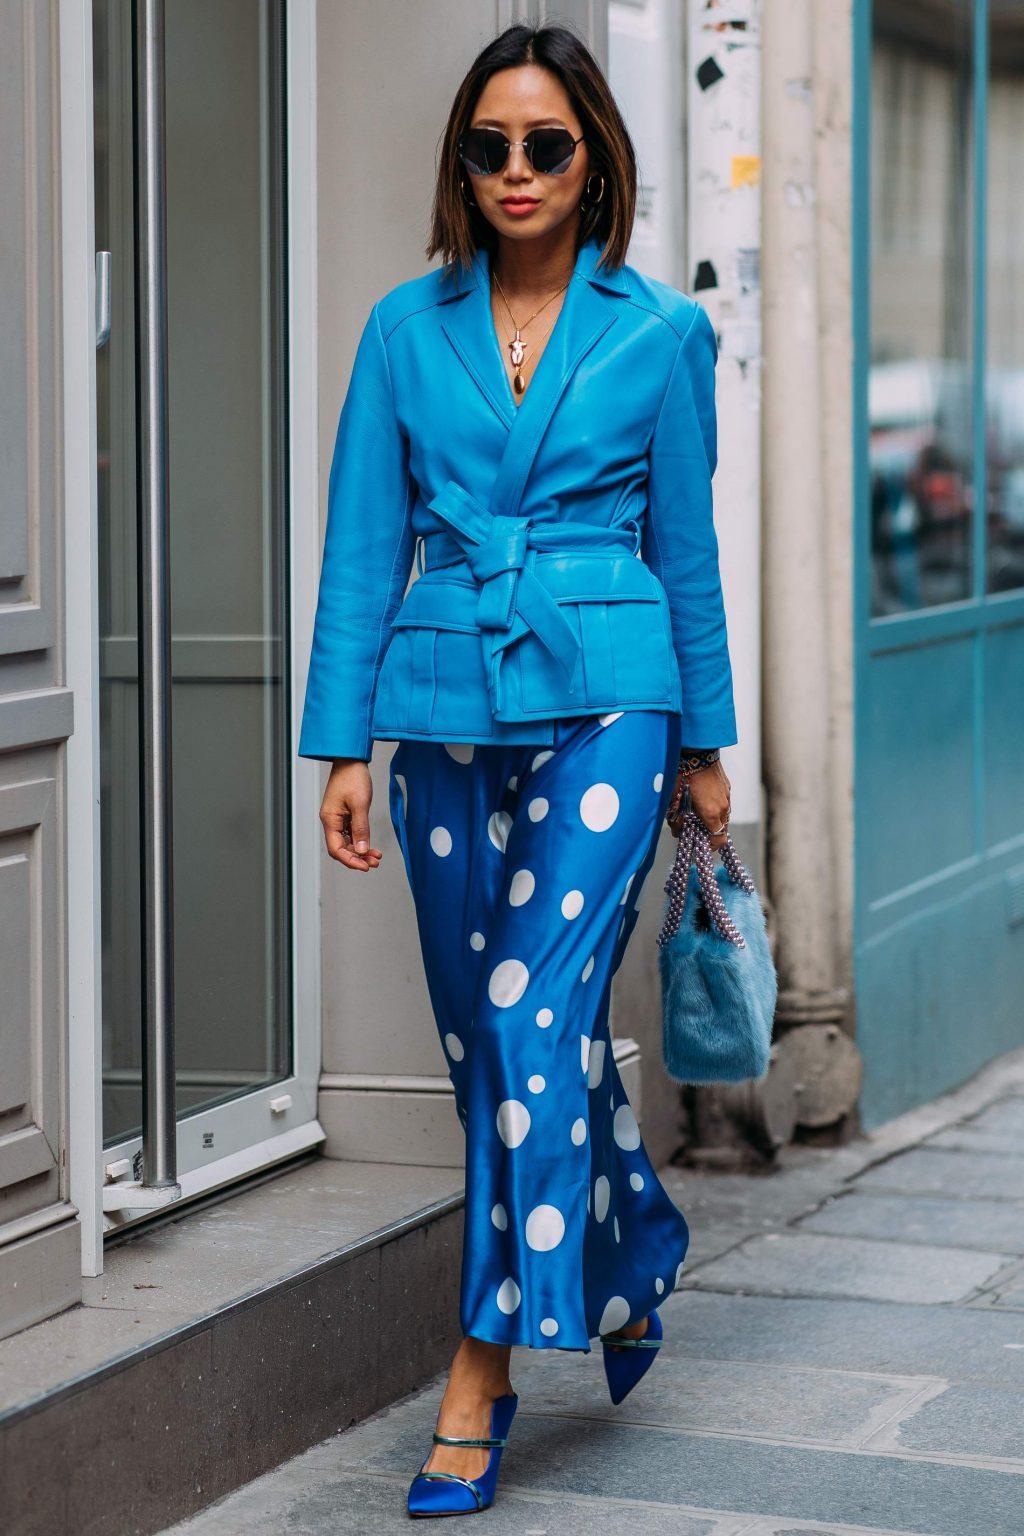 xu hướng thời trang 2019 16